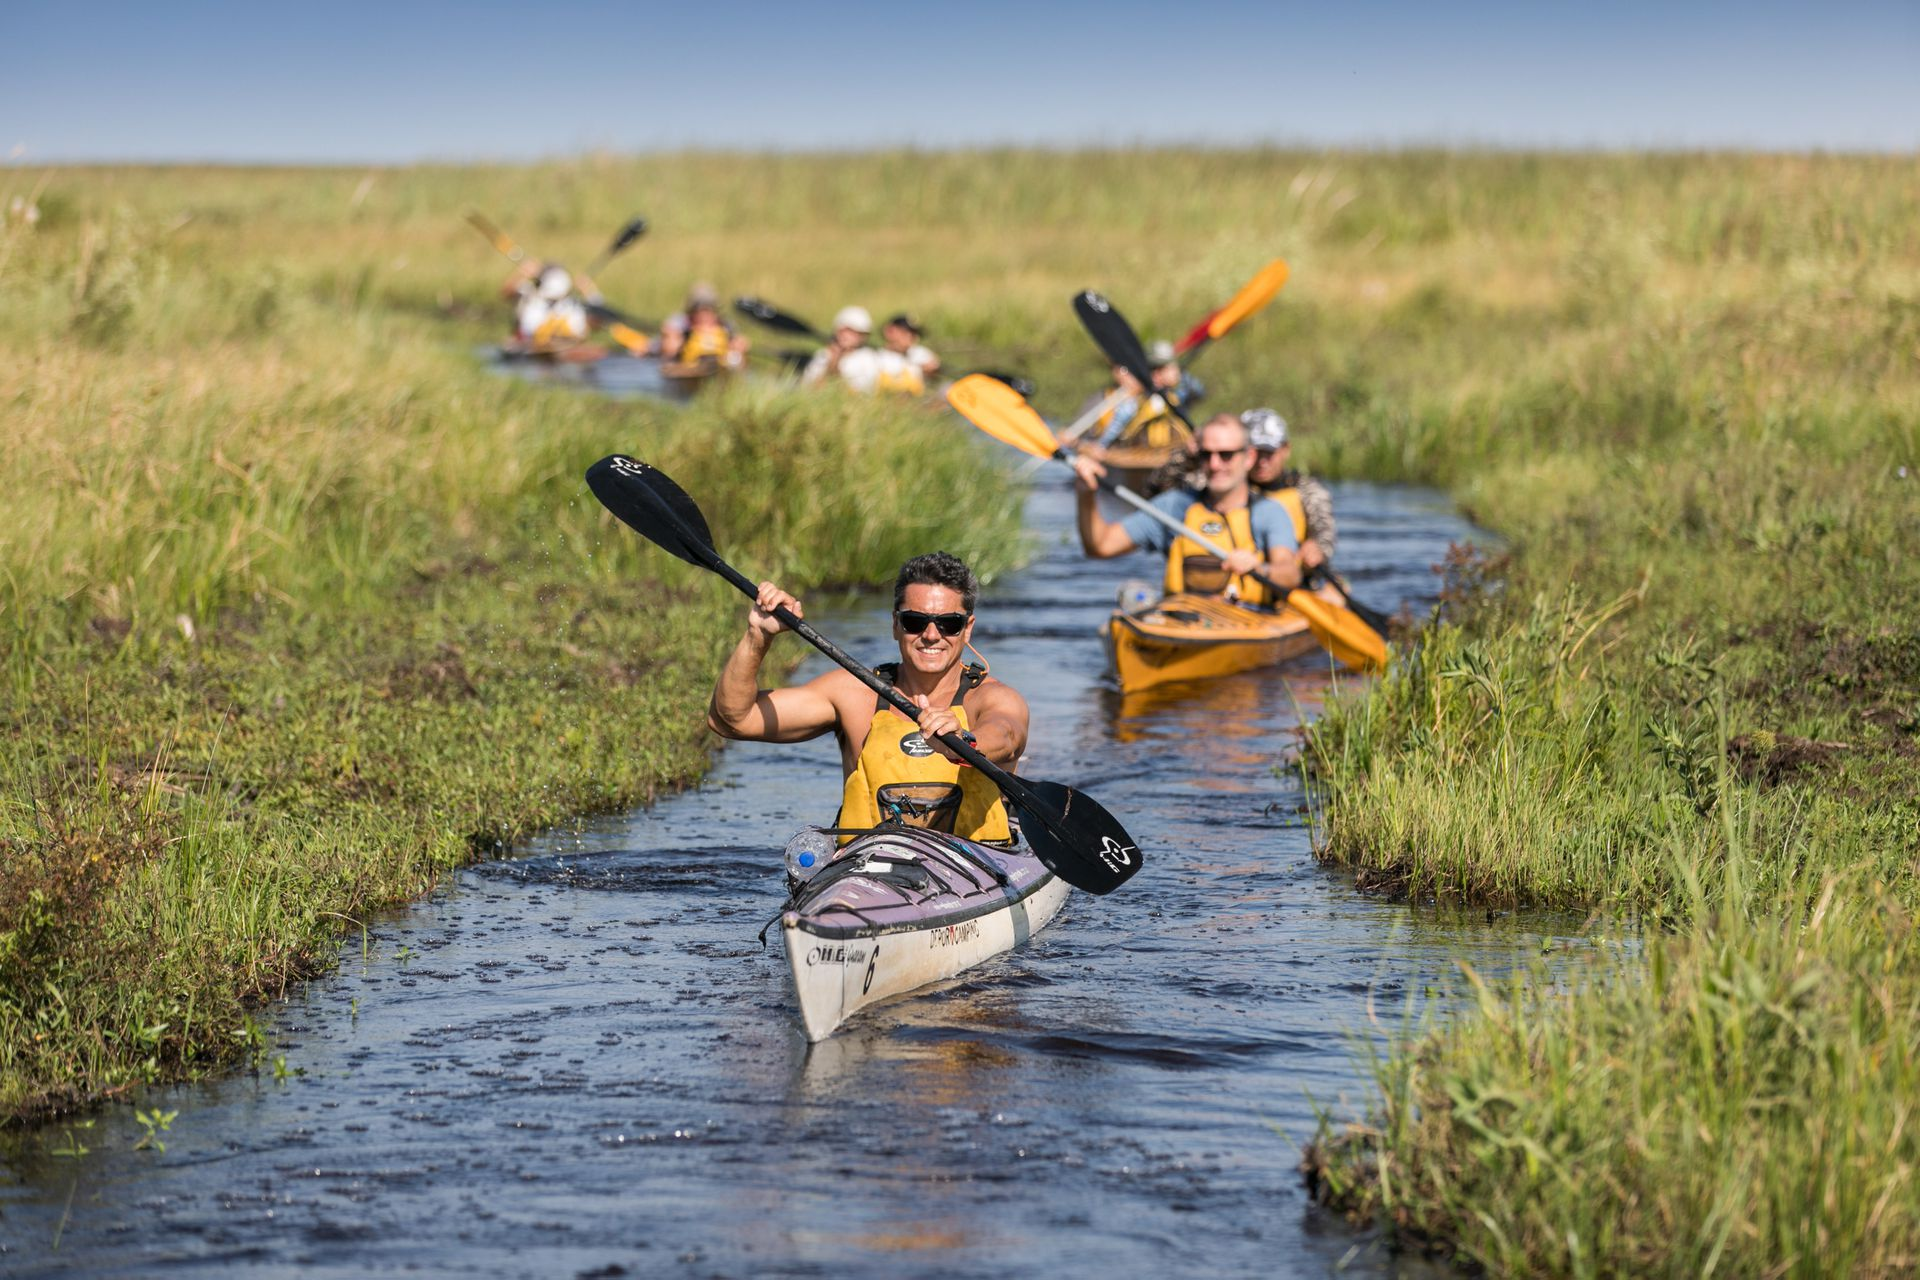 Los kayaks avanzan en fila india por un estrecho canal.